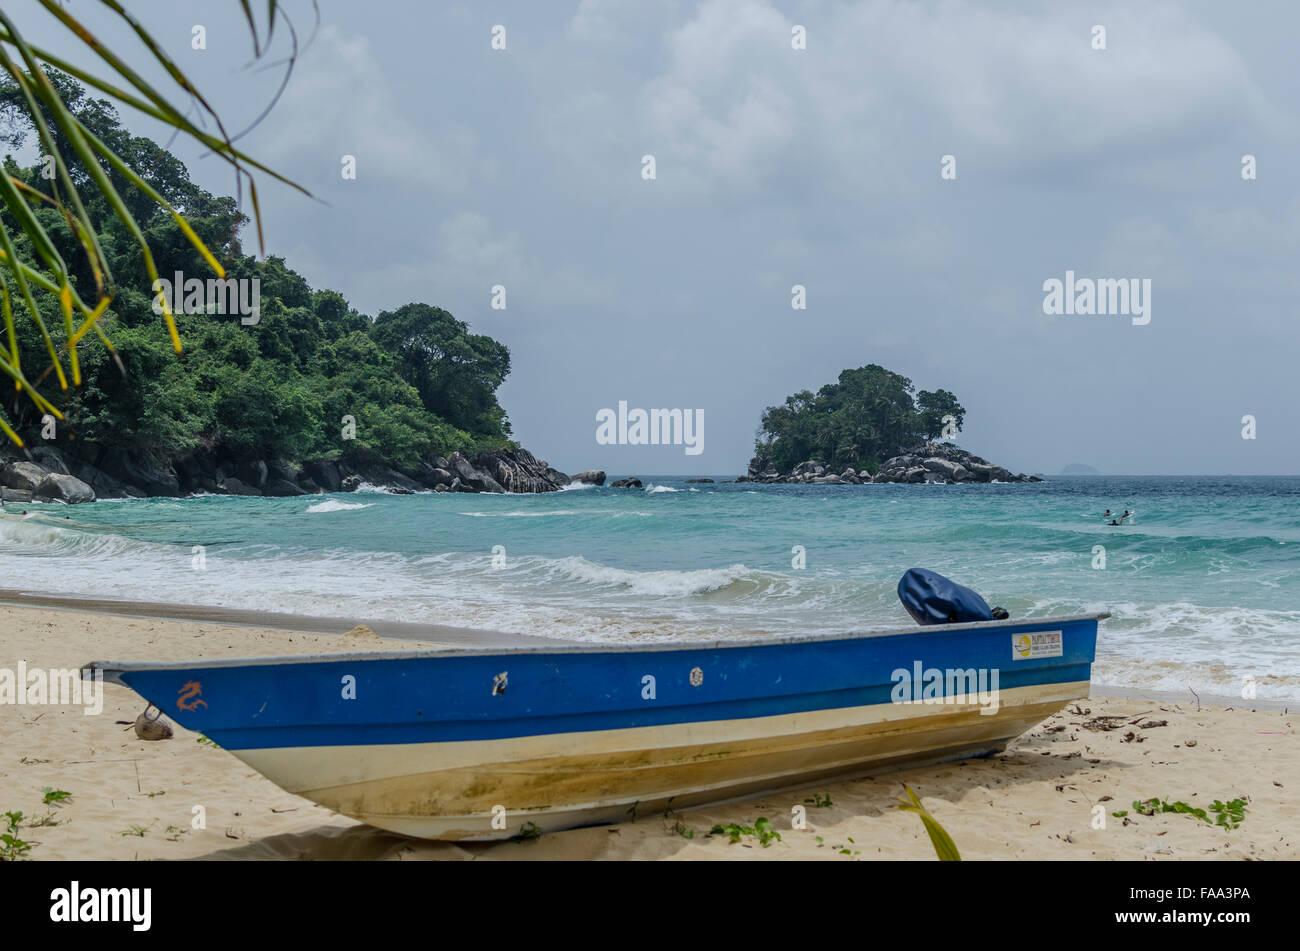 Playa en la isla de Tioman en Malasia Imagen De Stock